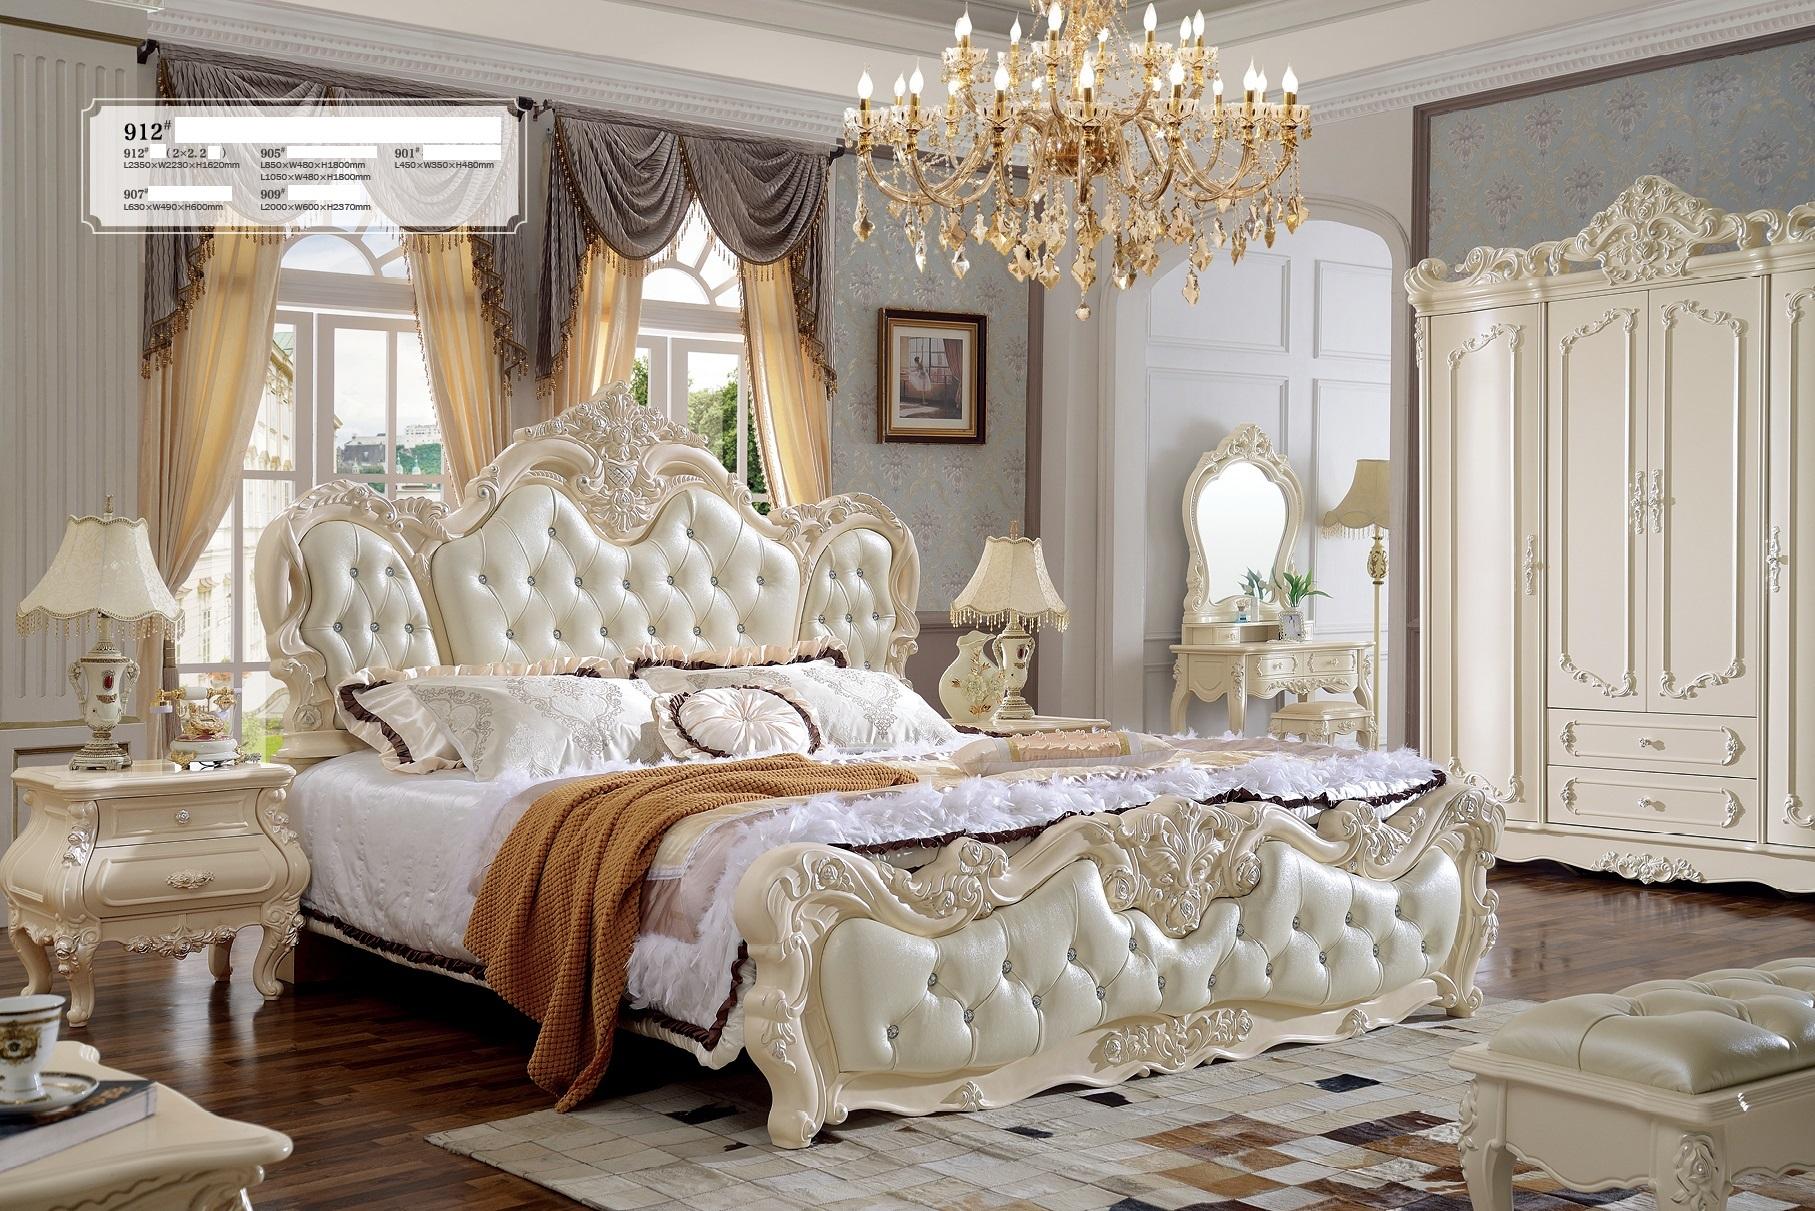 Palast Hotel Doppelbett Leder Chesterfield Konigliches Luxus Betten